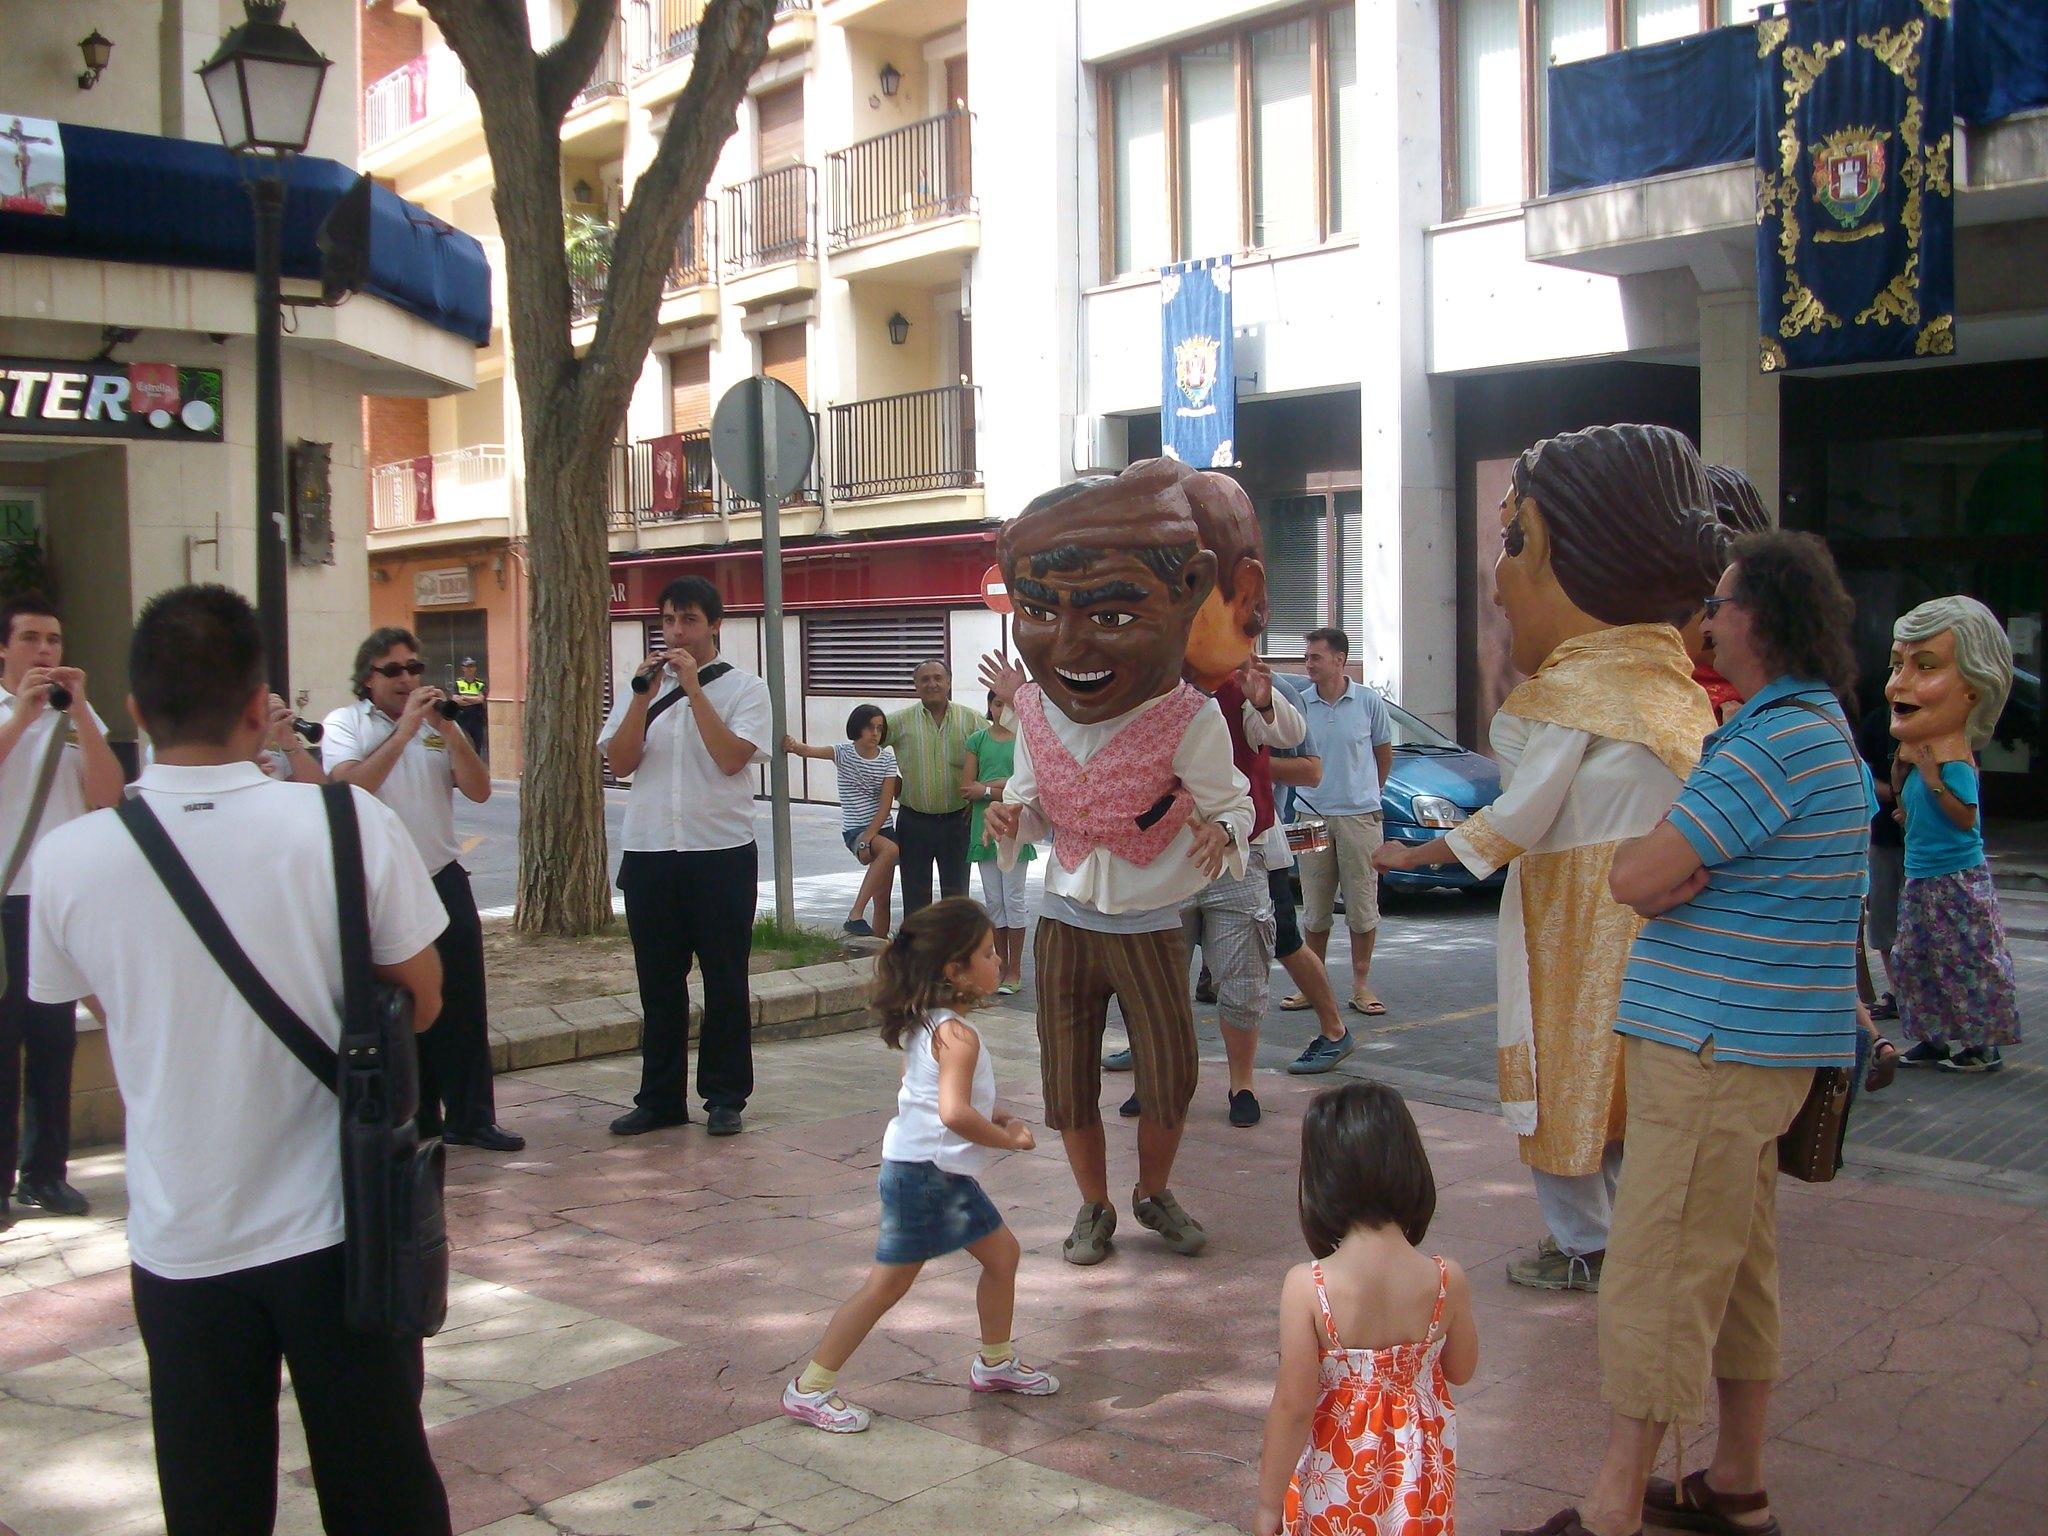 (2010-07-04) - Pasacalle Gent de Nanos - José Vicente Romero Ripoll -  (03)